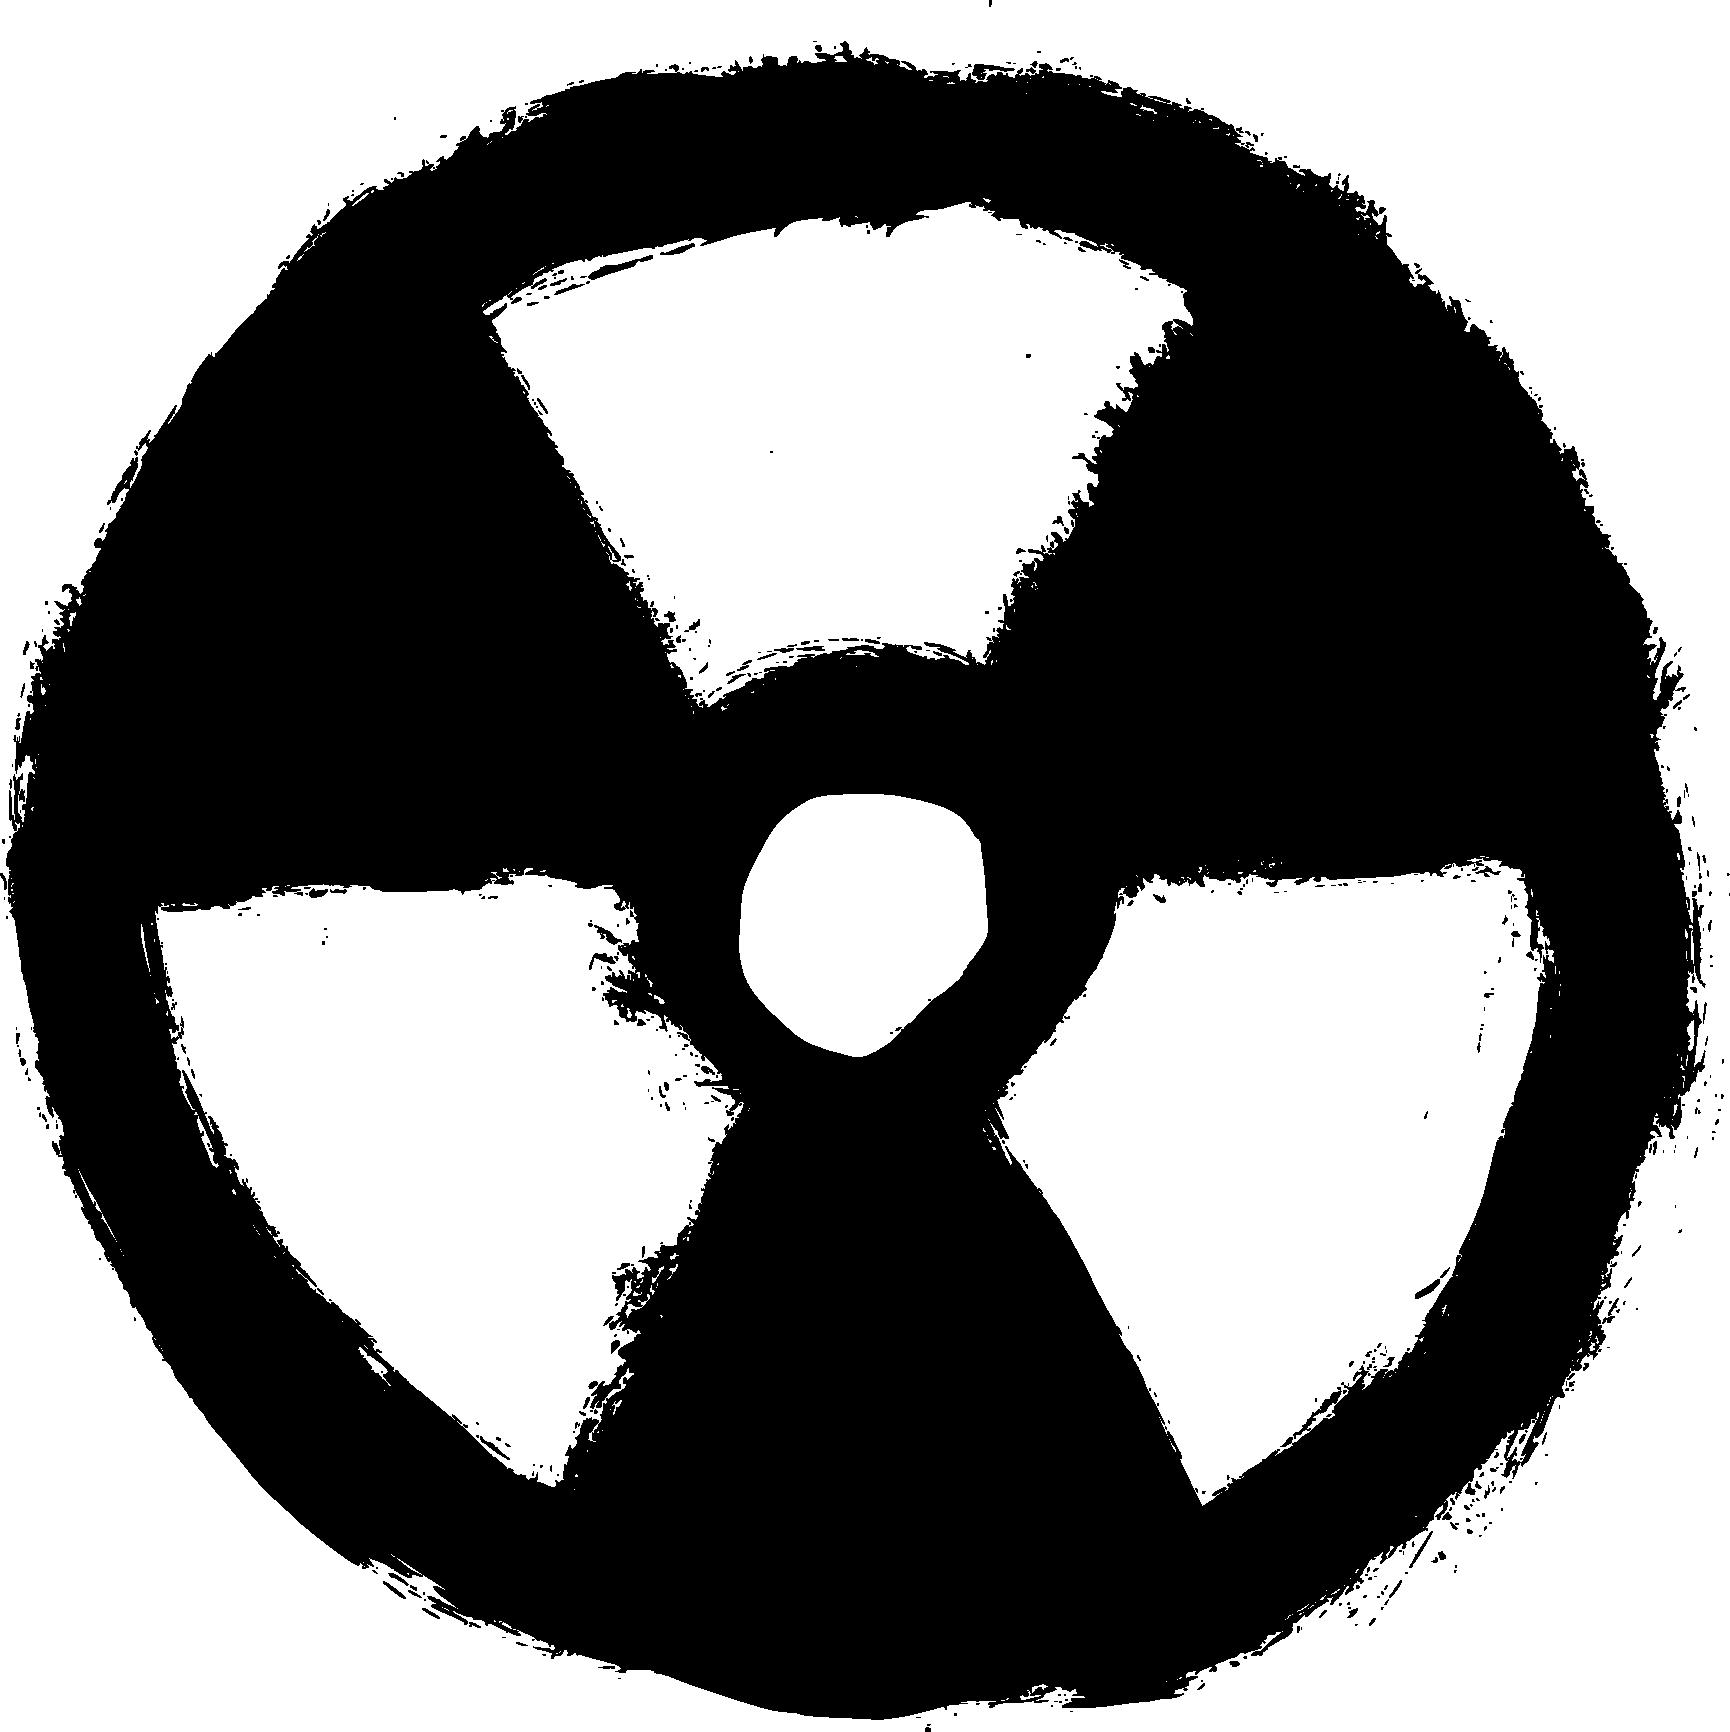 Ͽ� Ͽ� Ͽ� Ͽ� Ͽ� Ͽ� Ͽ� Ͽ� Ͽ� Ͽ� Ͽ� Ͽ� Ͽ� Ͽ� Ͽ� Ͽ� Ͽ� Ͽ� Ͽ� Ͽ� Ͽ� Ͽ� Ͽ� Ͽ� Ͽ� Ͽ� Ͽ� Ͽ� Ͽ� Ͽ� Ͽ� Ͽ� Ͽ� Ͽ� Ͽ� Ͽ� Ͽ� Ͽ� Ͽ� Ͽ� Ͽ� Ͽ� Ͽ� Ͽ� Ͽ� Ͽ� Ͽ� Ͽ� Ͽ� Png: 4 Grunge Radioactive Sign (PNG Transparent)